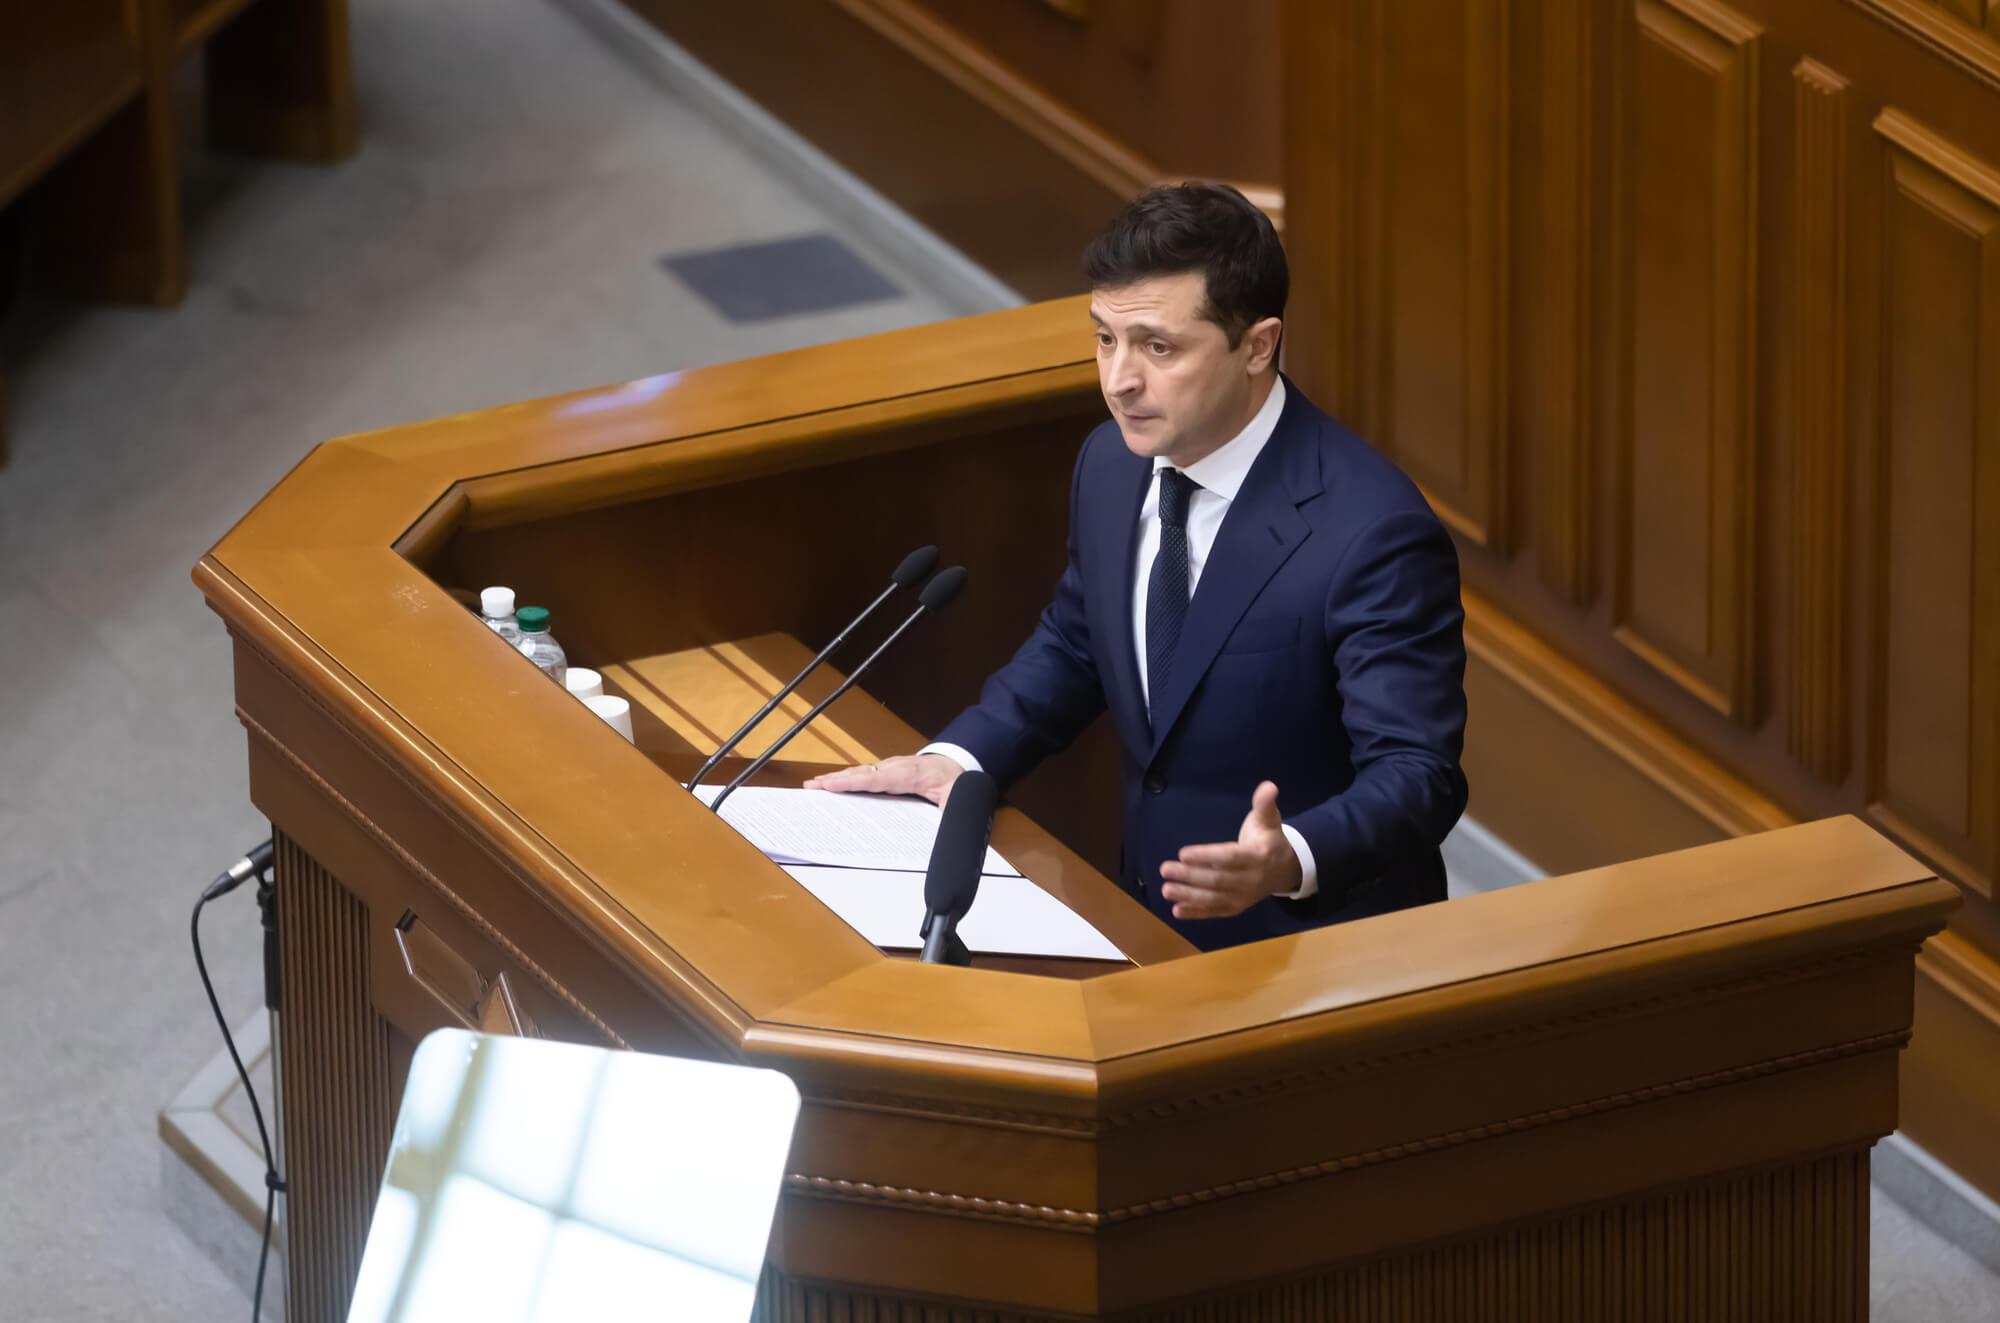 Імпічмент президента по-українськи. Що це і як відбувається?